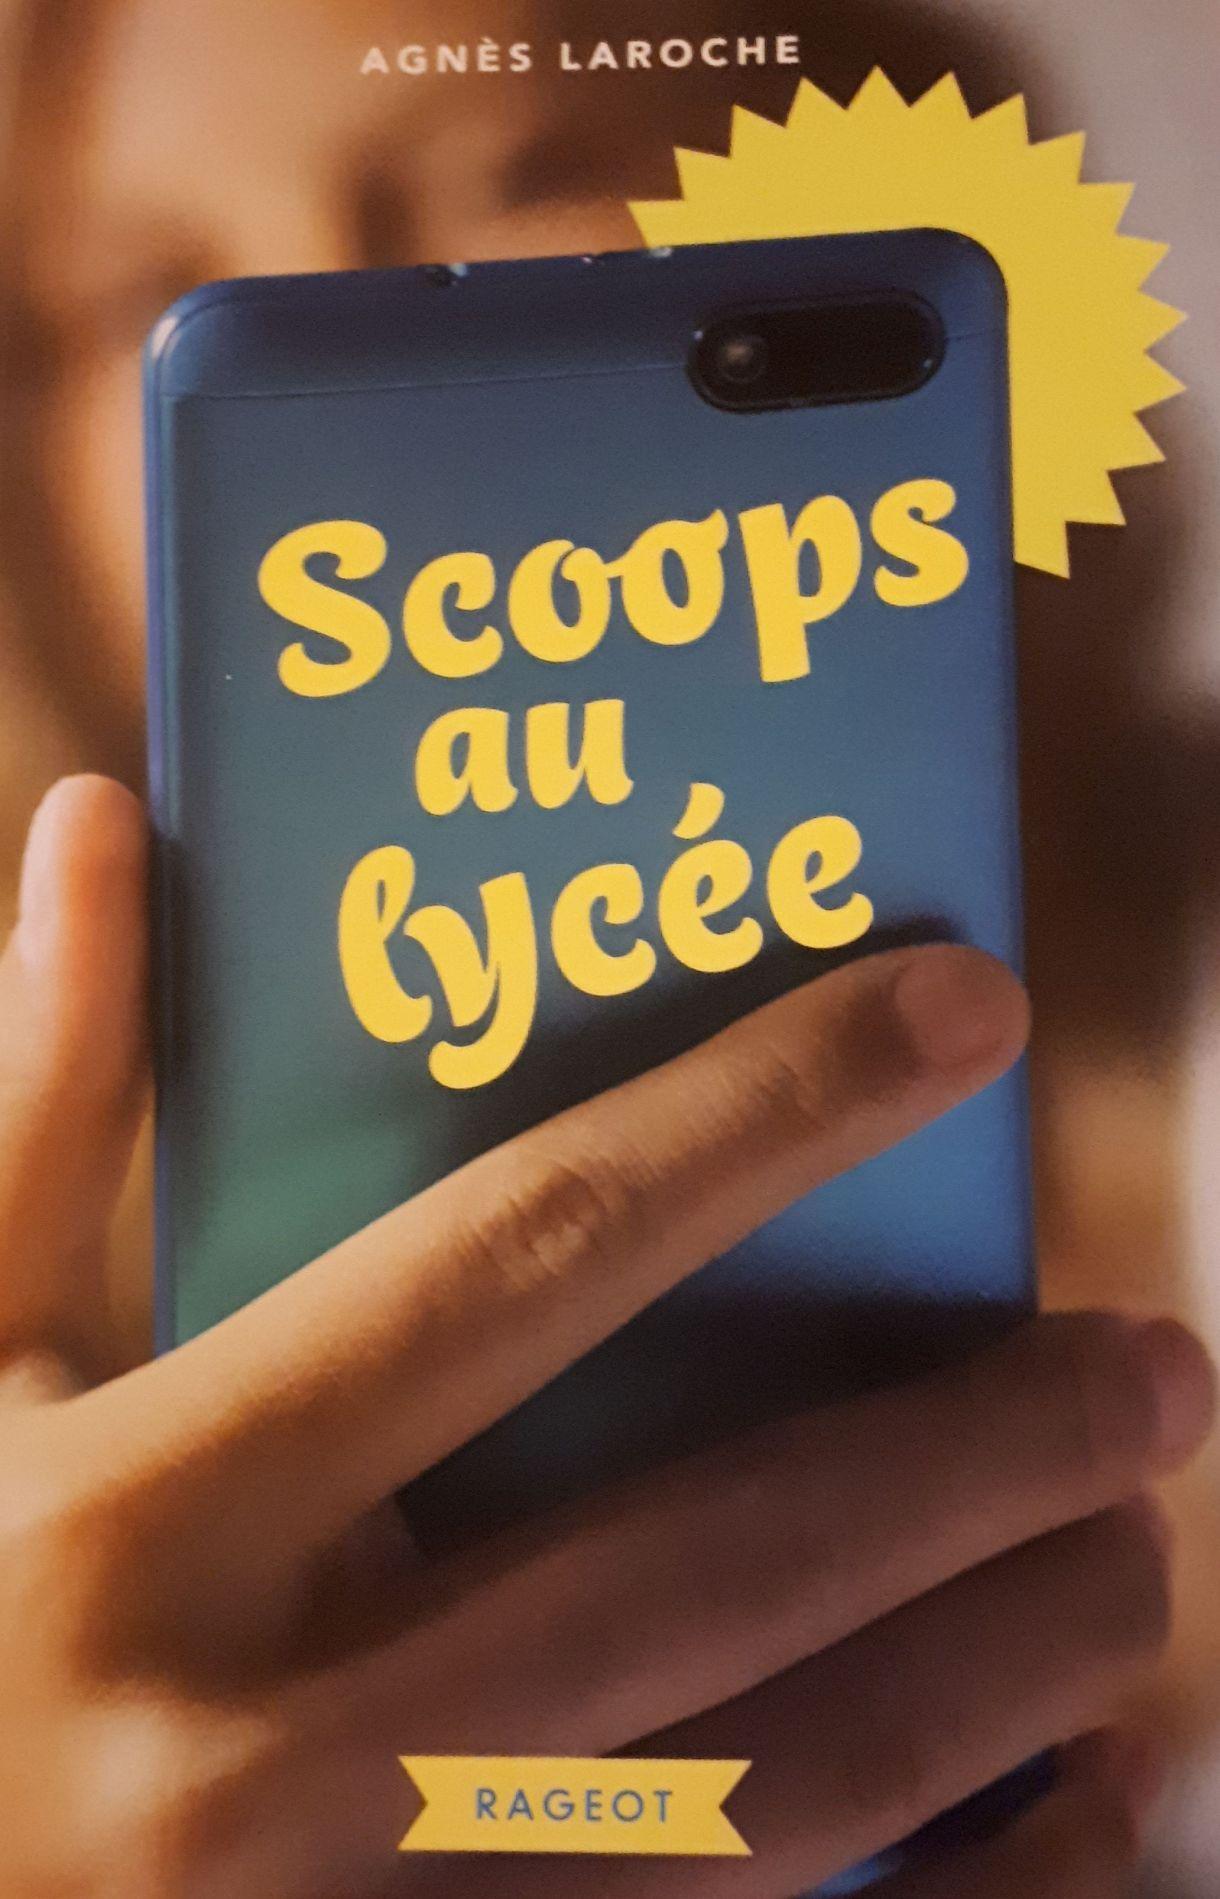 Scoops au lycée d'Agnès Laroche